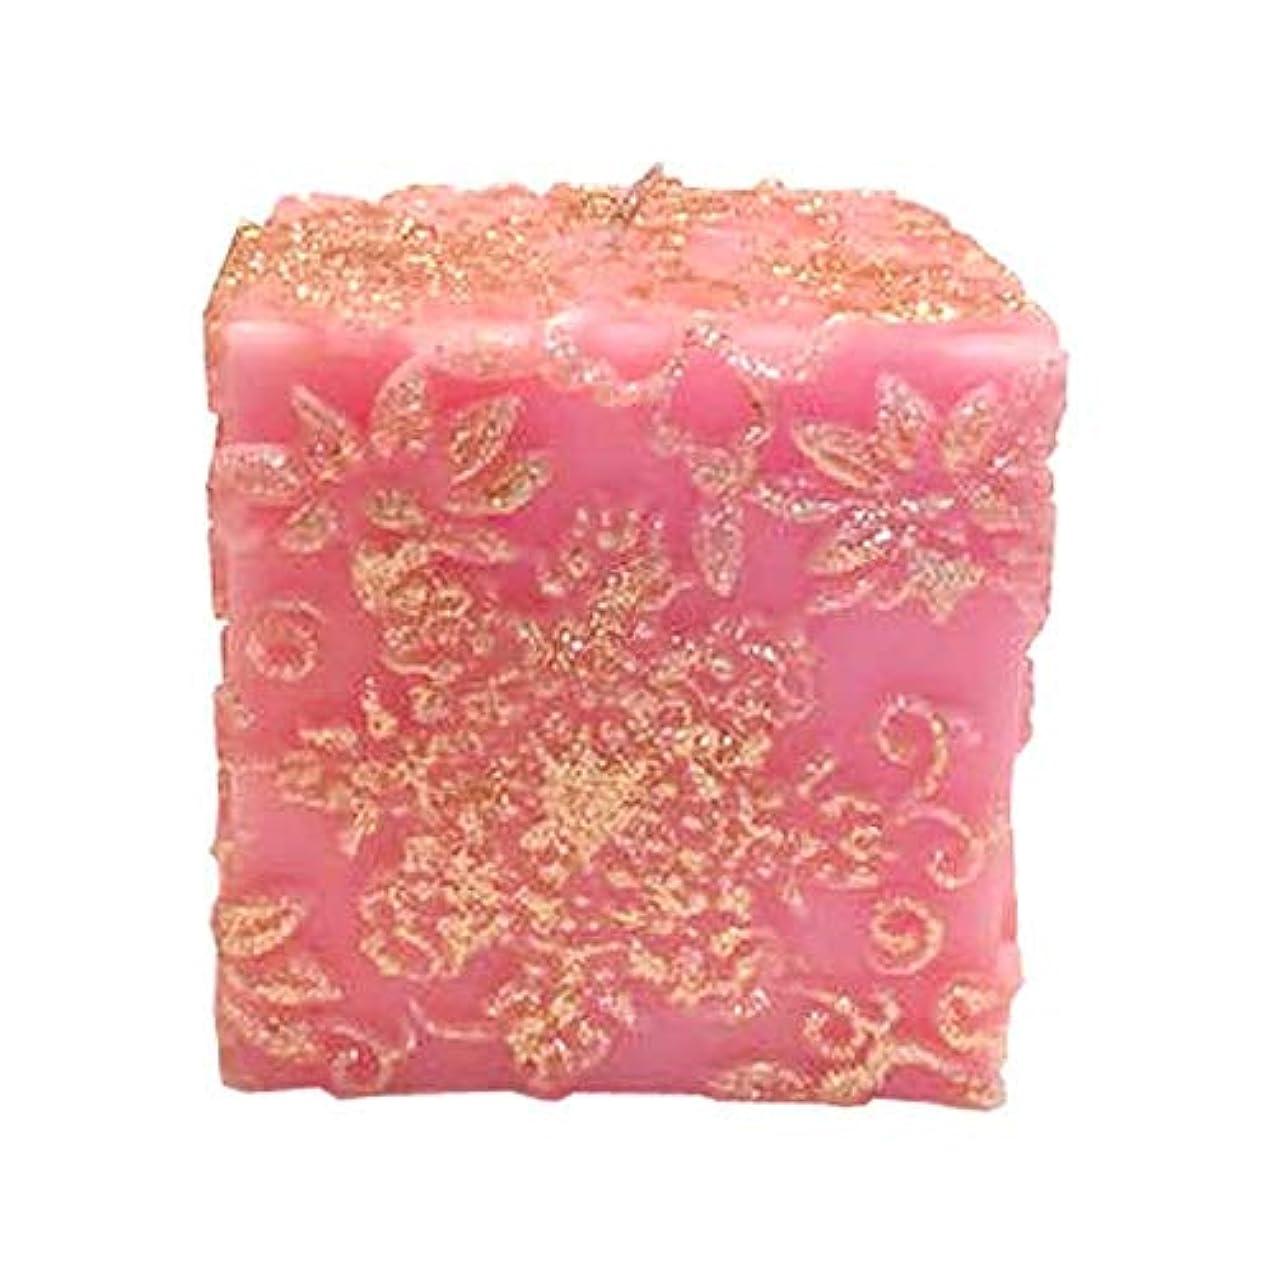 無条件で出来ている殺人スノーフレークフラワー Cube (Pink×Gold Gliter)